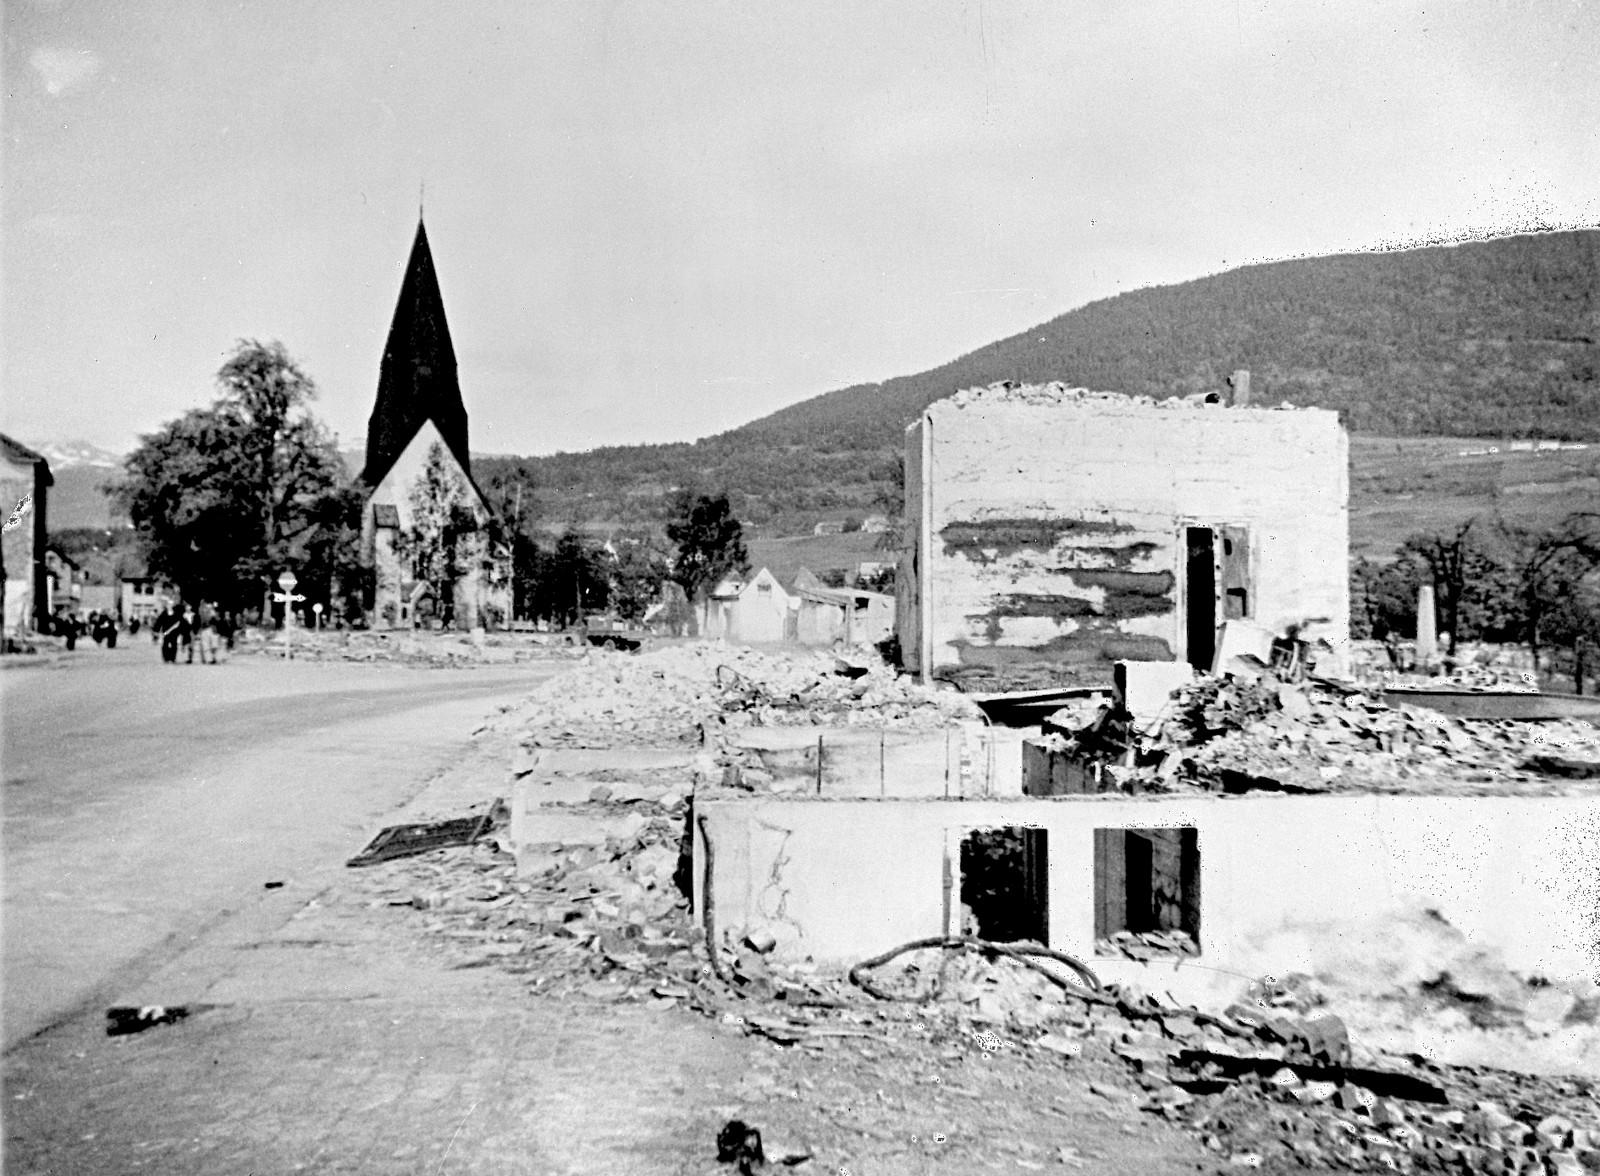 Bygninger ligger i ruiner i Voss etter tyske luftangrep. Voss kirke sees i bakgrunnen.